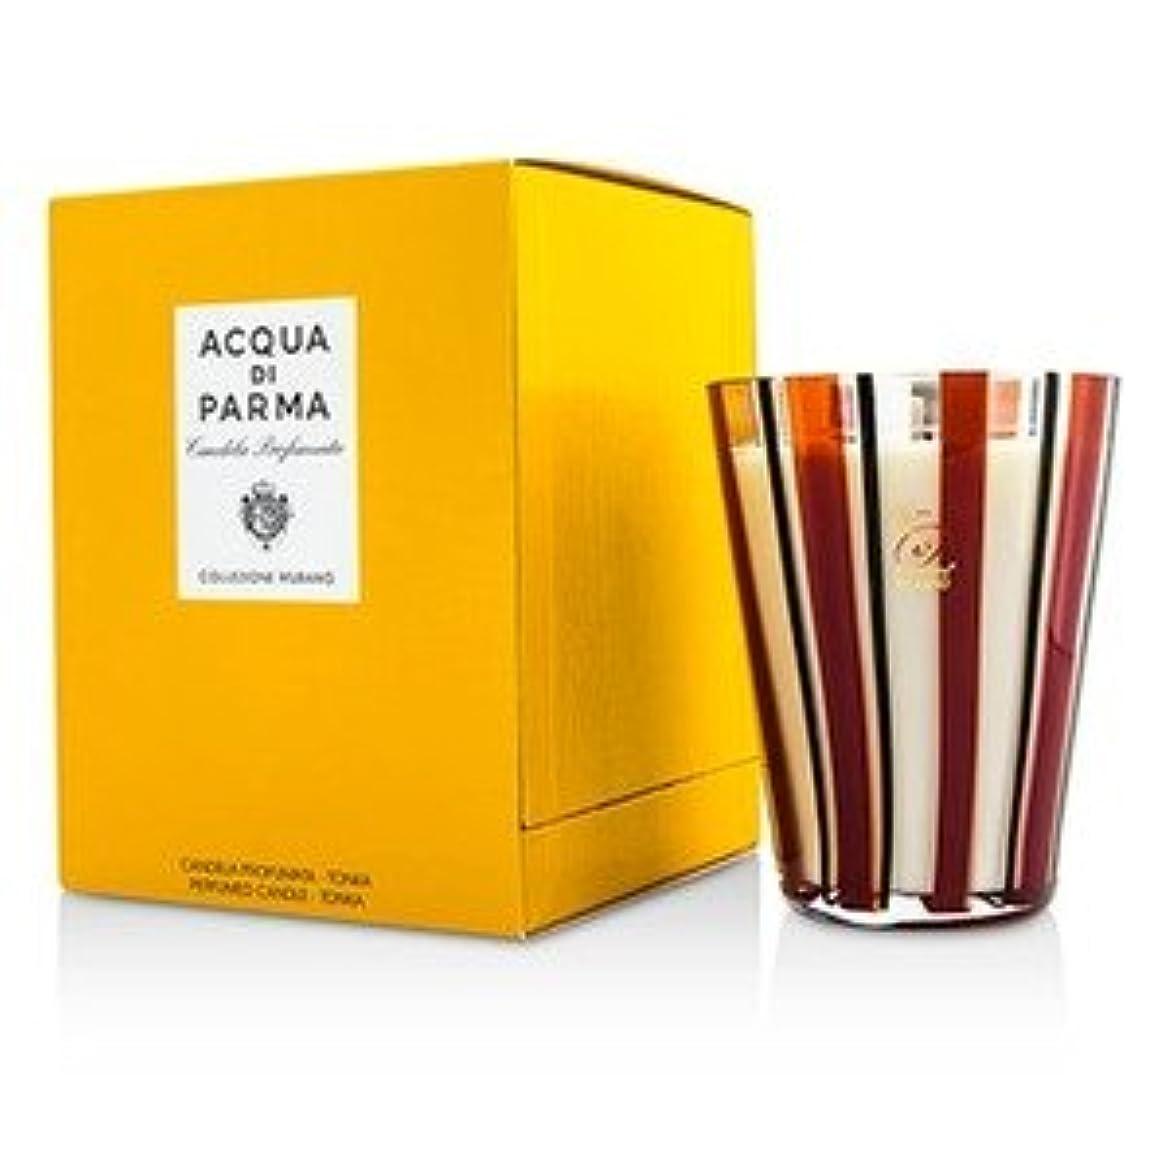 起きてマージン悪党アクア ディ パルマ[Acqua Di Parma] ムラノ グラス パフューム キャンドル - Tonka 200g/7.05oz [並行輸入品]